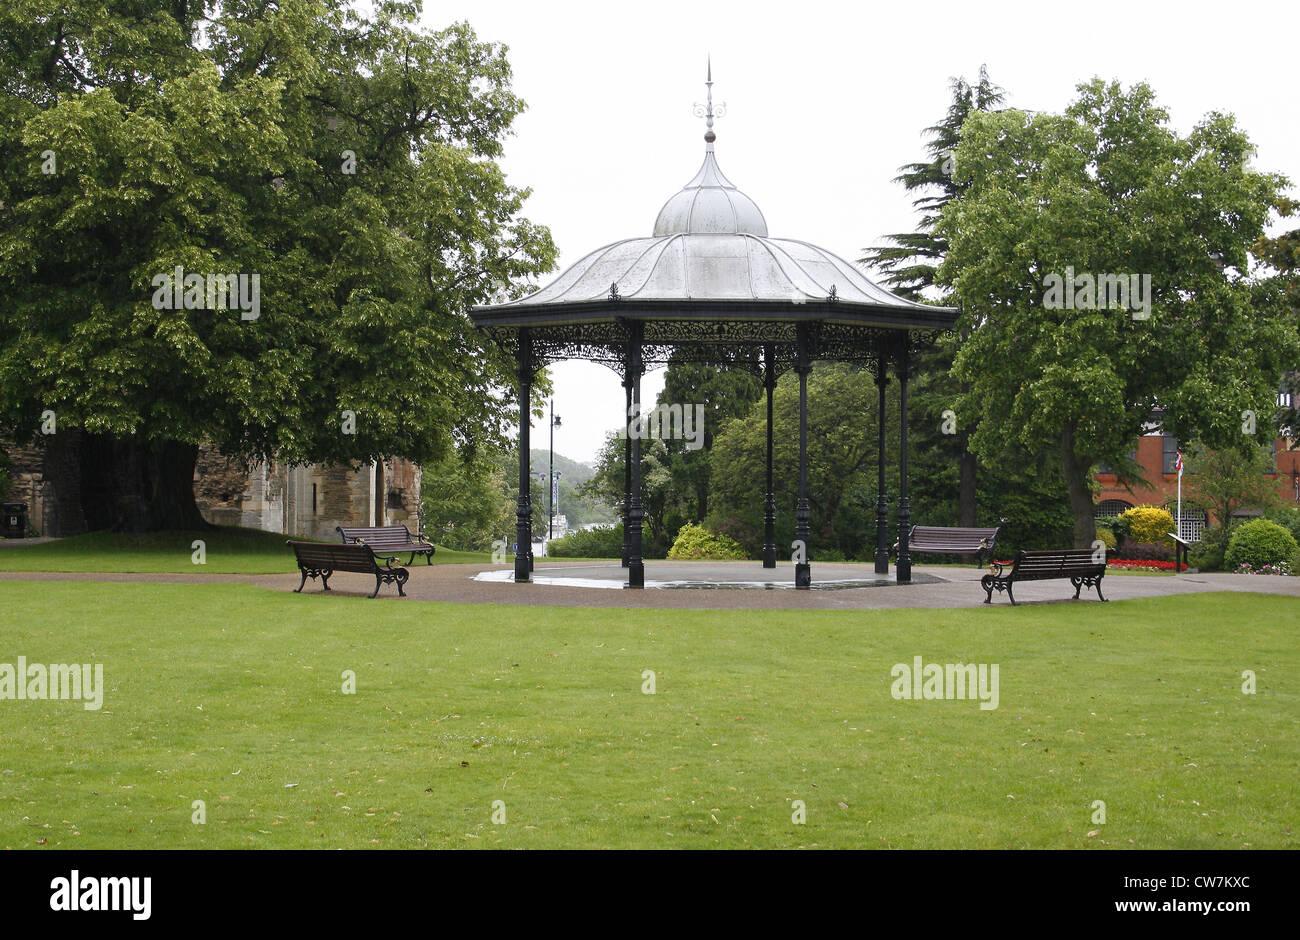 Bandstand in Newark Castle garden Newark-on-Trent, Newark, Nottinghamshire, England, UK - Stock Image